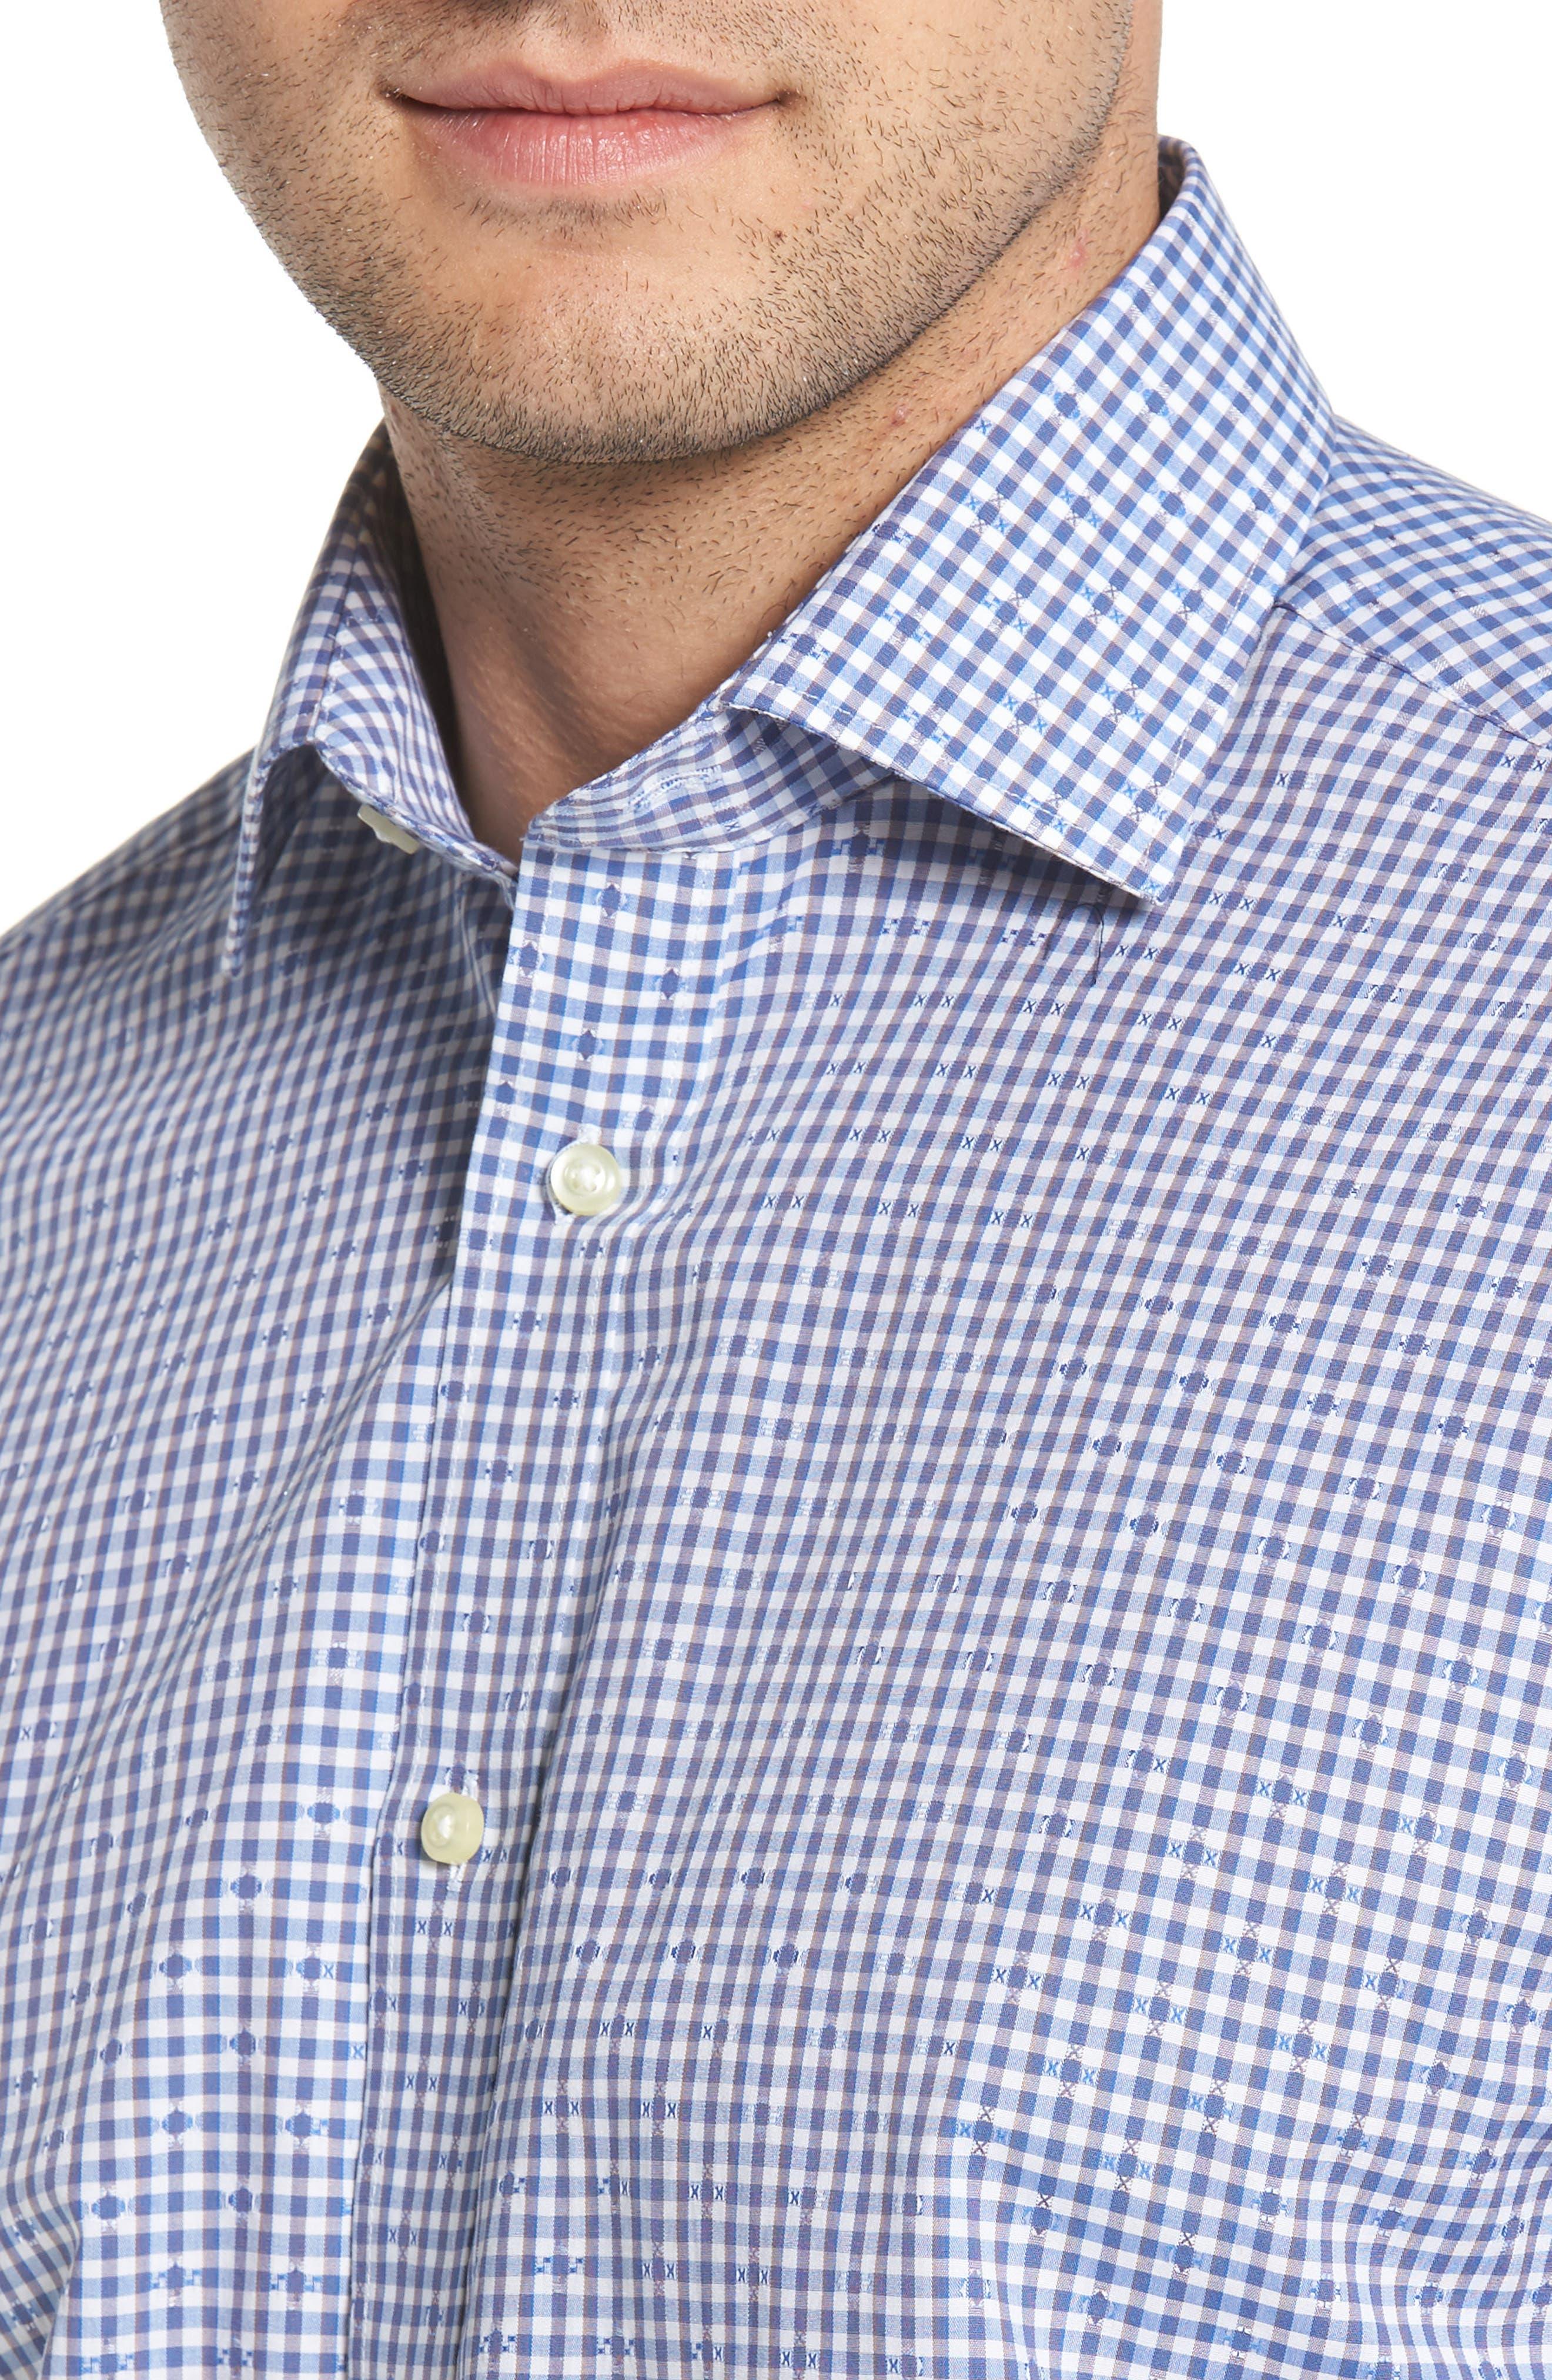 Mini Check Sport Shirt,                             Alternate thumbnail 4, color,                             400